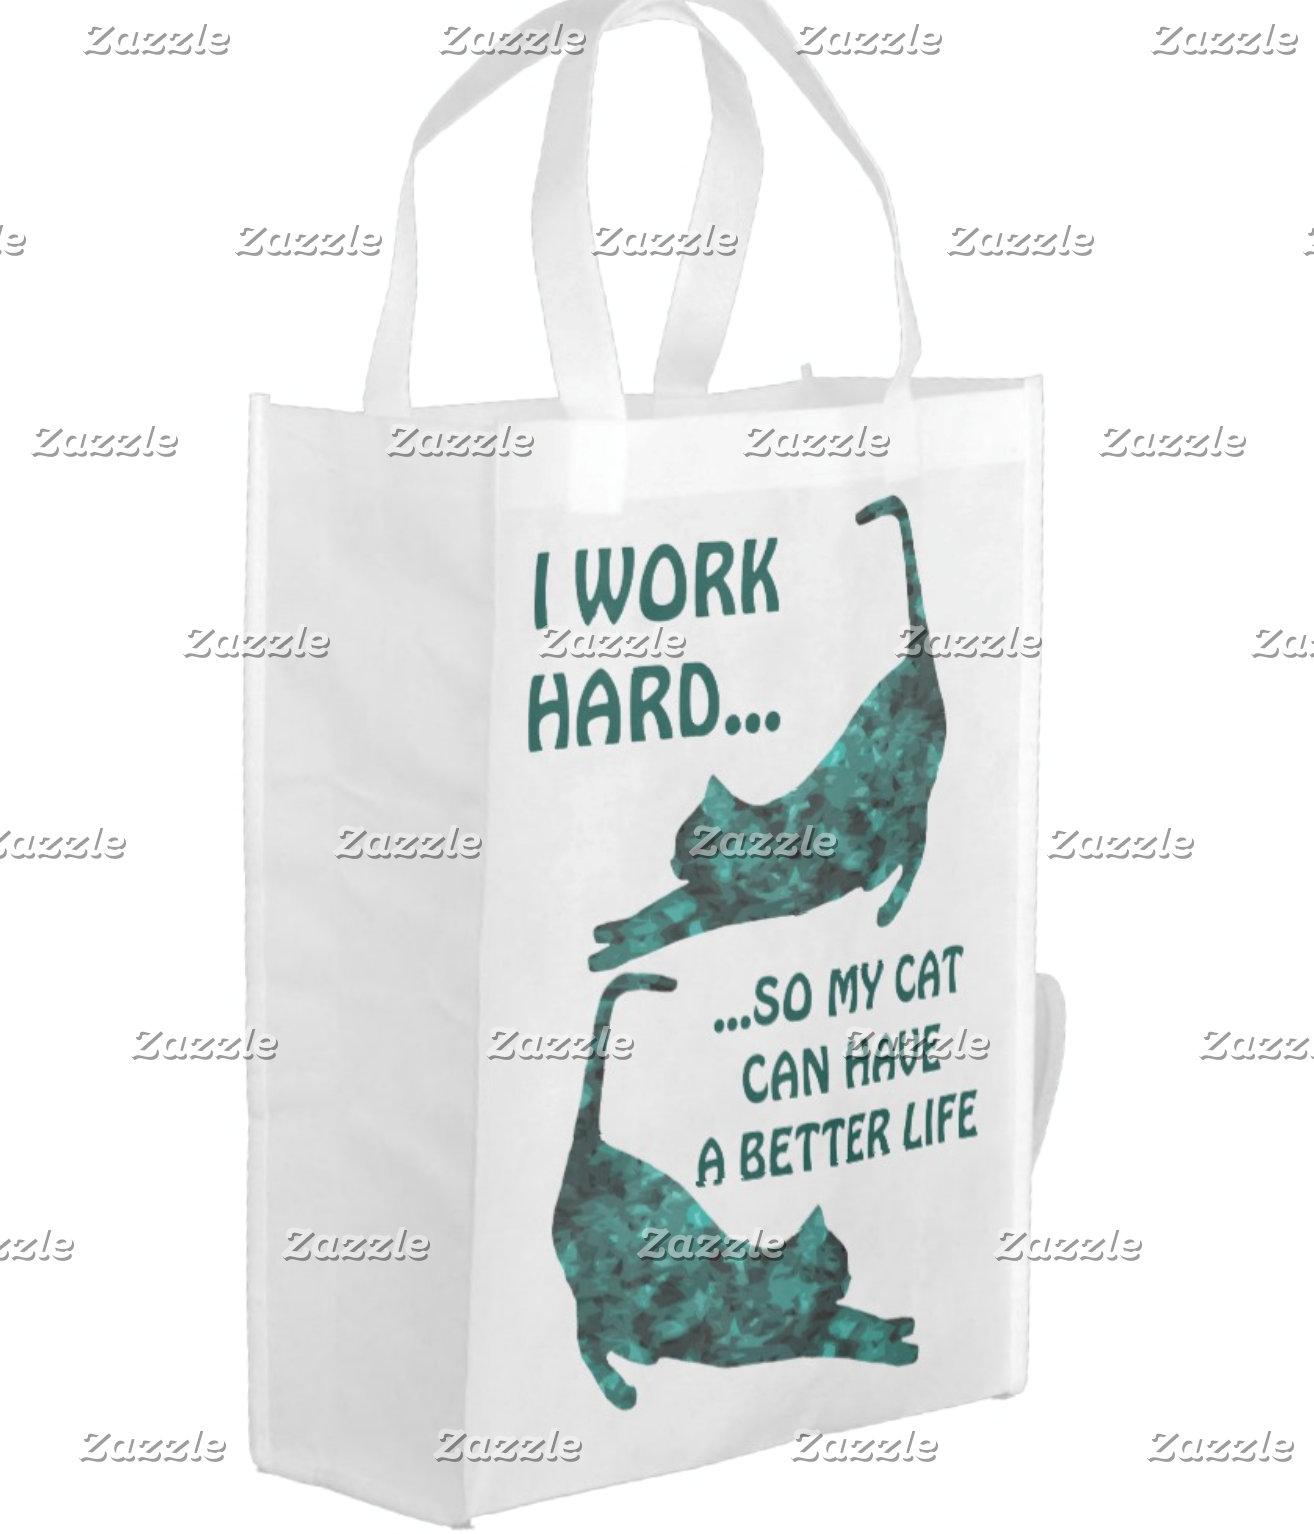 CrystalKatz Tote Bags